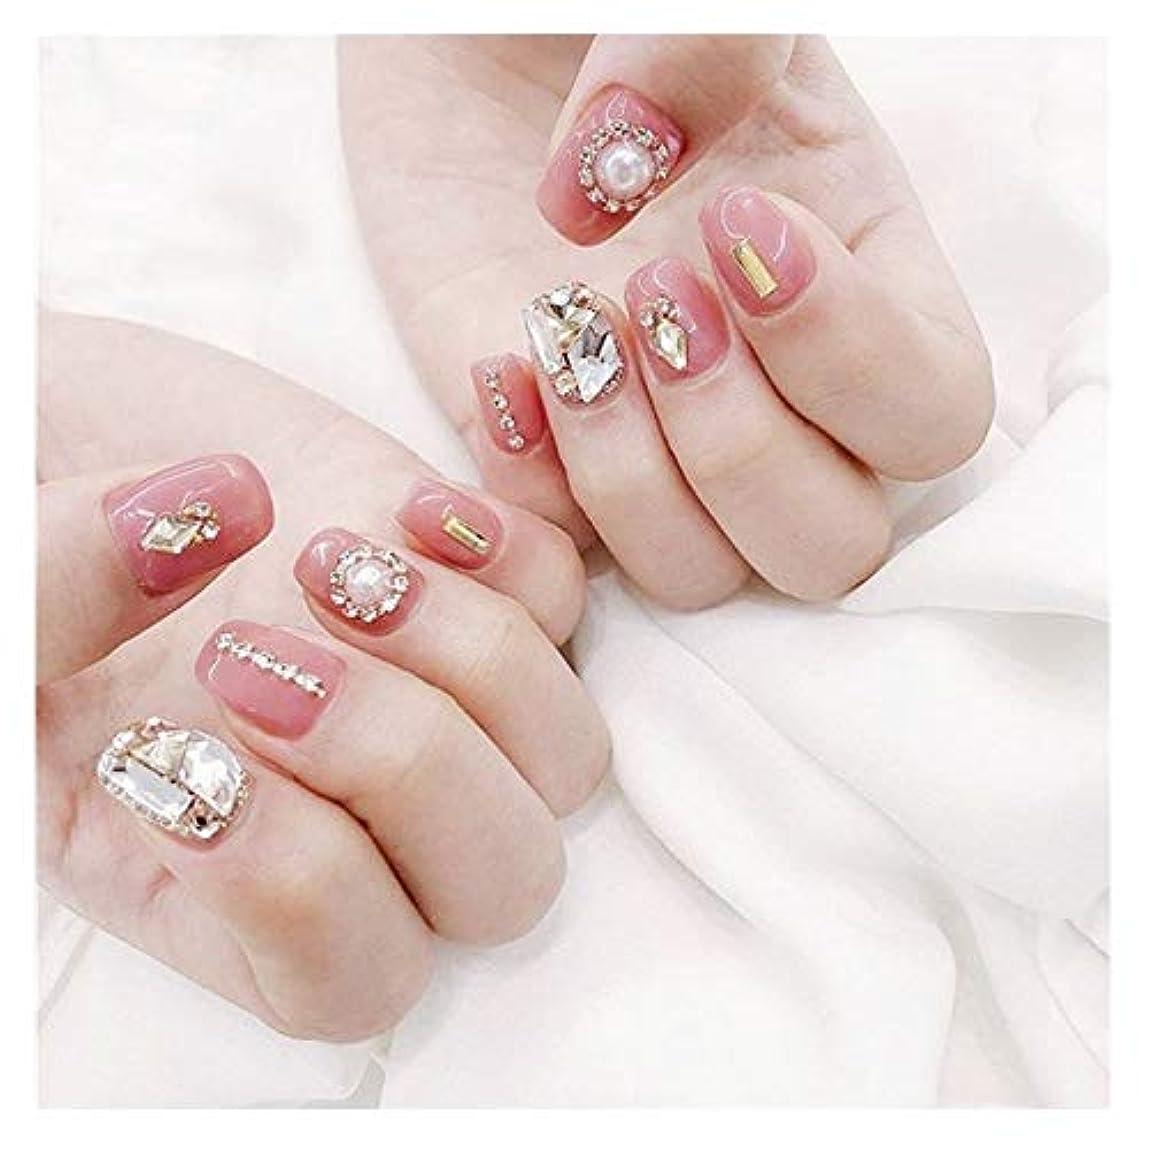 スローガンコール著作権LVUITTON ダイヤモンドのり偽の爪ピンクのかわいい花嫁フォトスタジオ完成ネイル偽の釘 (色 : 24 pieces)